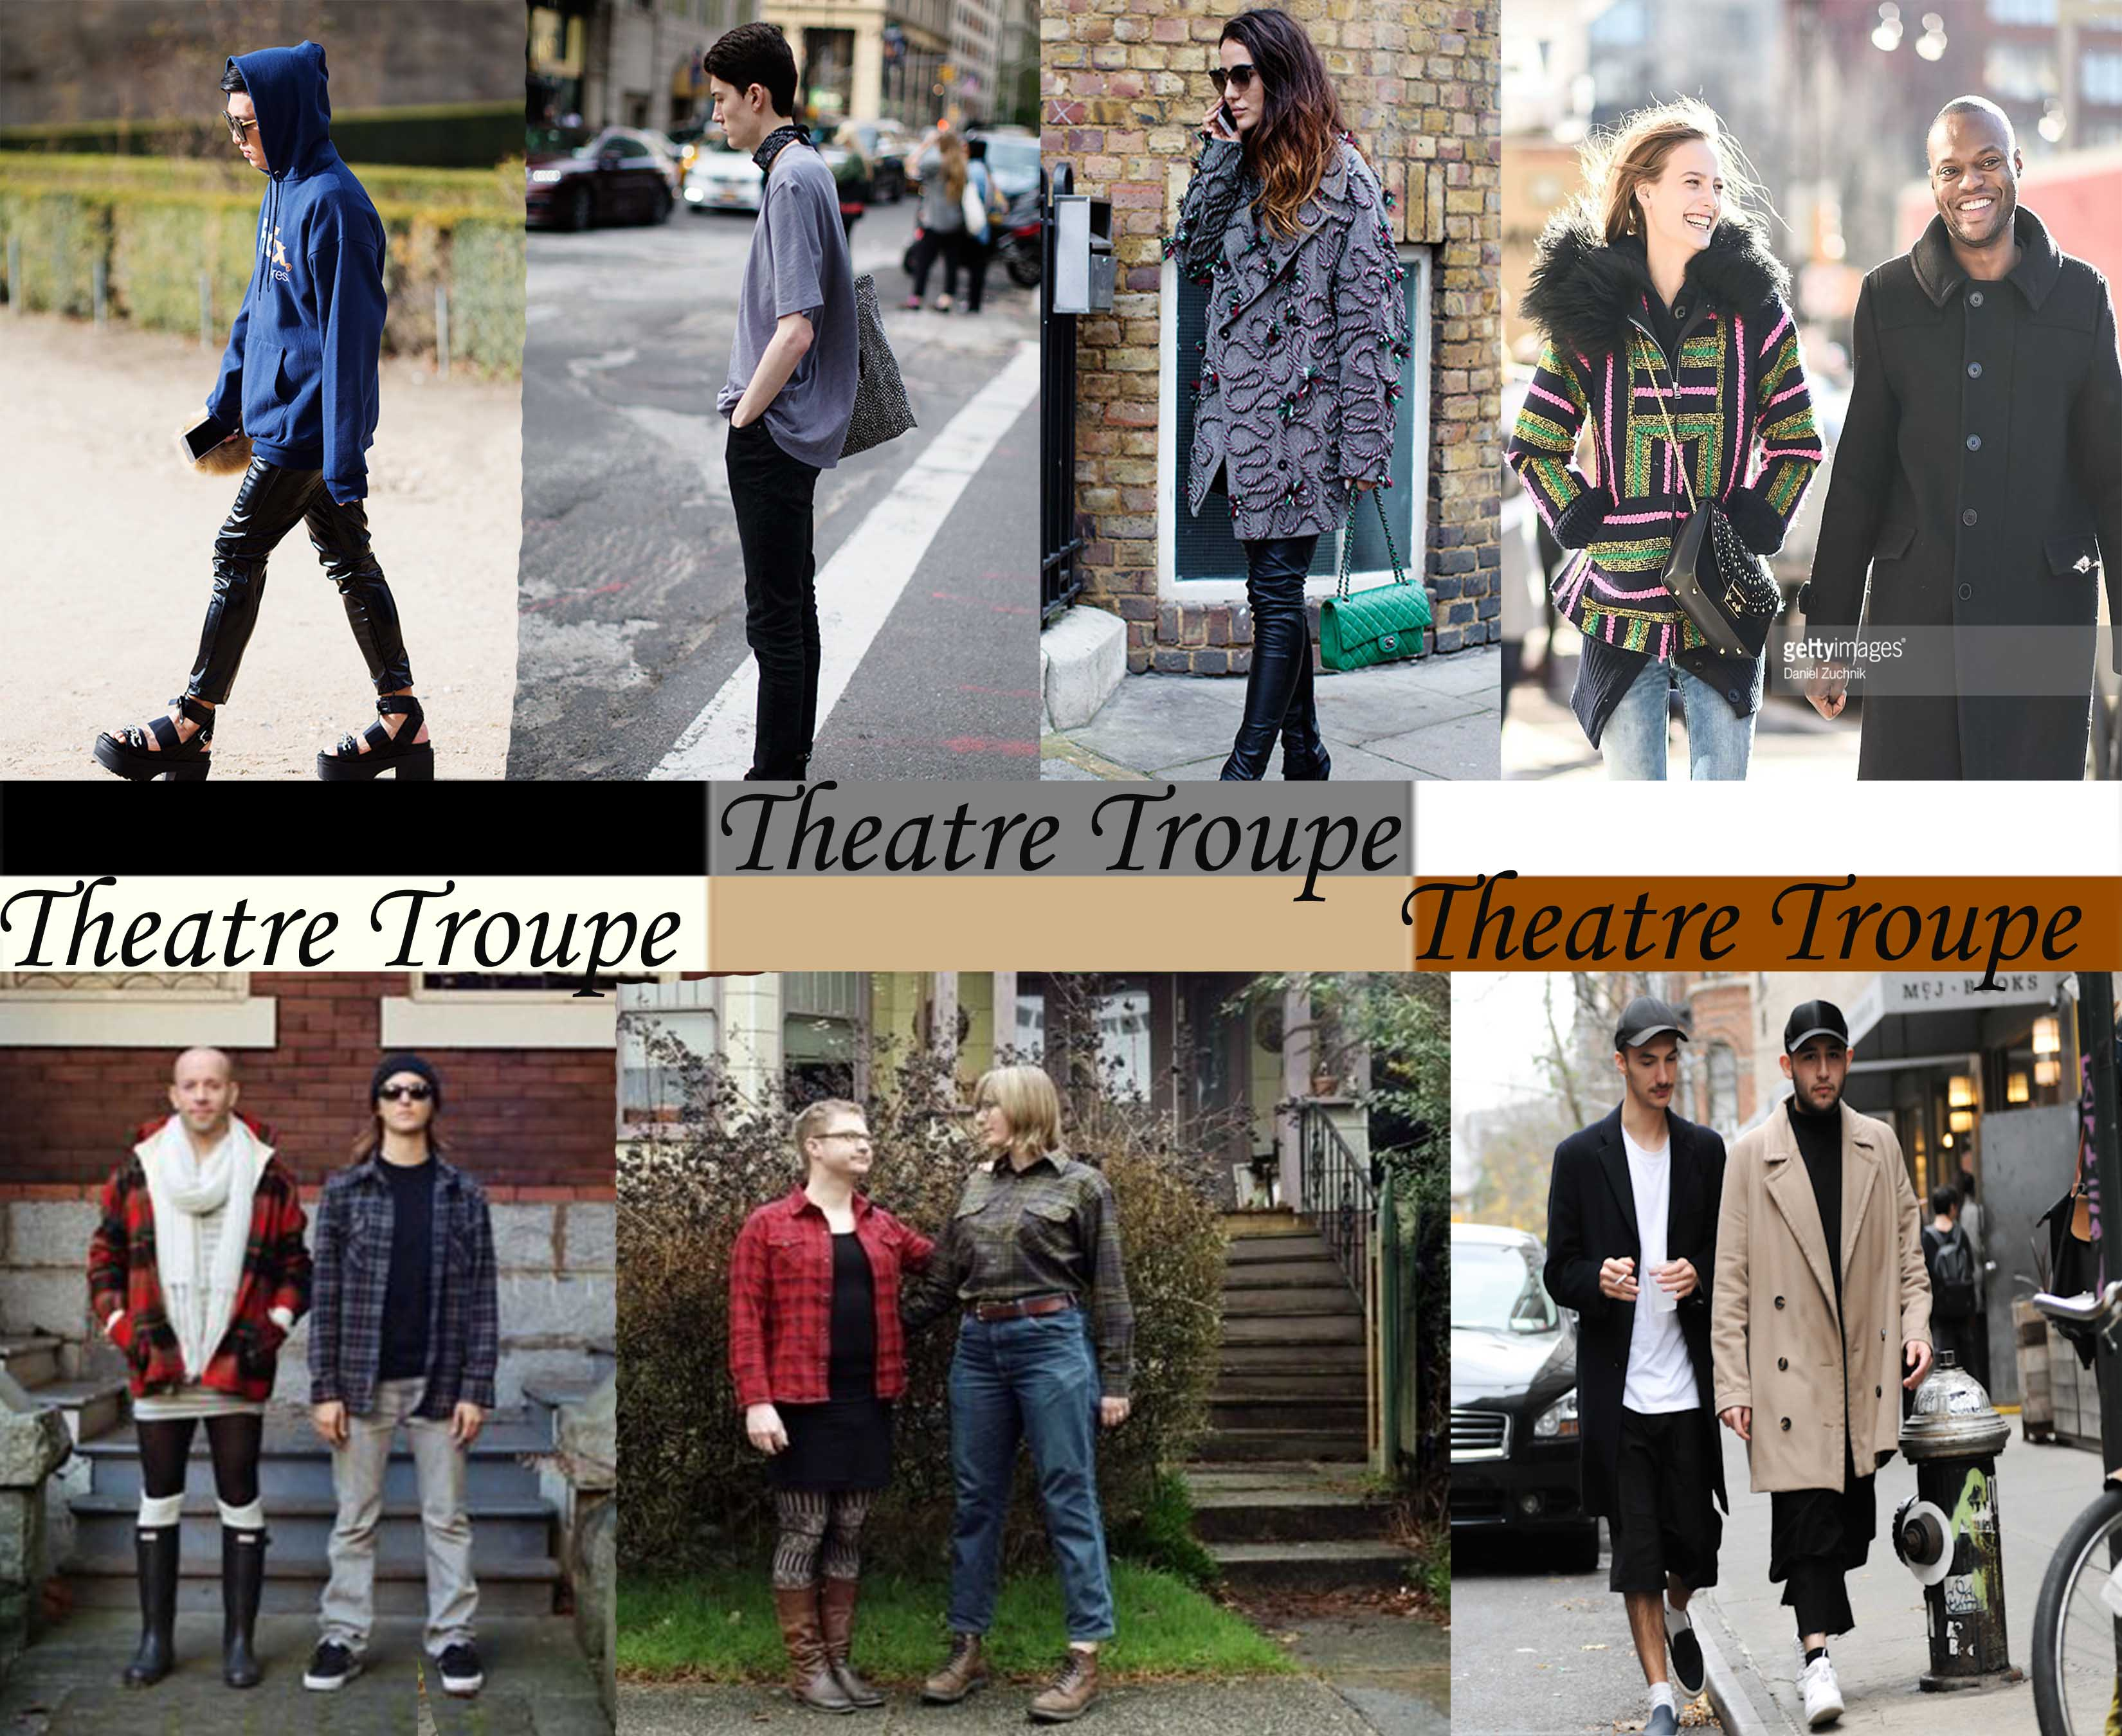 theatre troupe